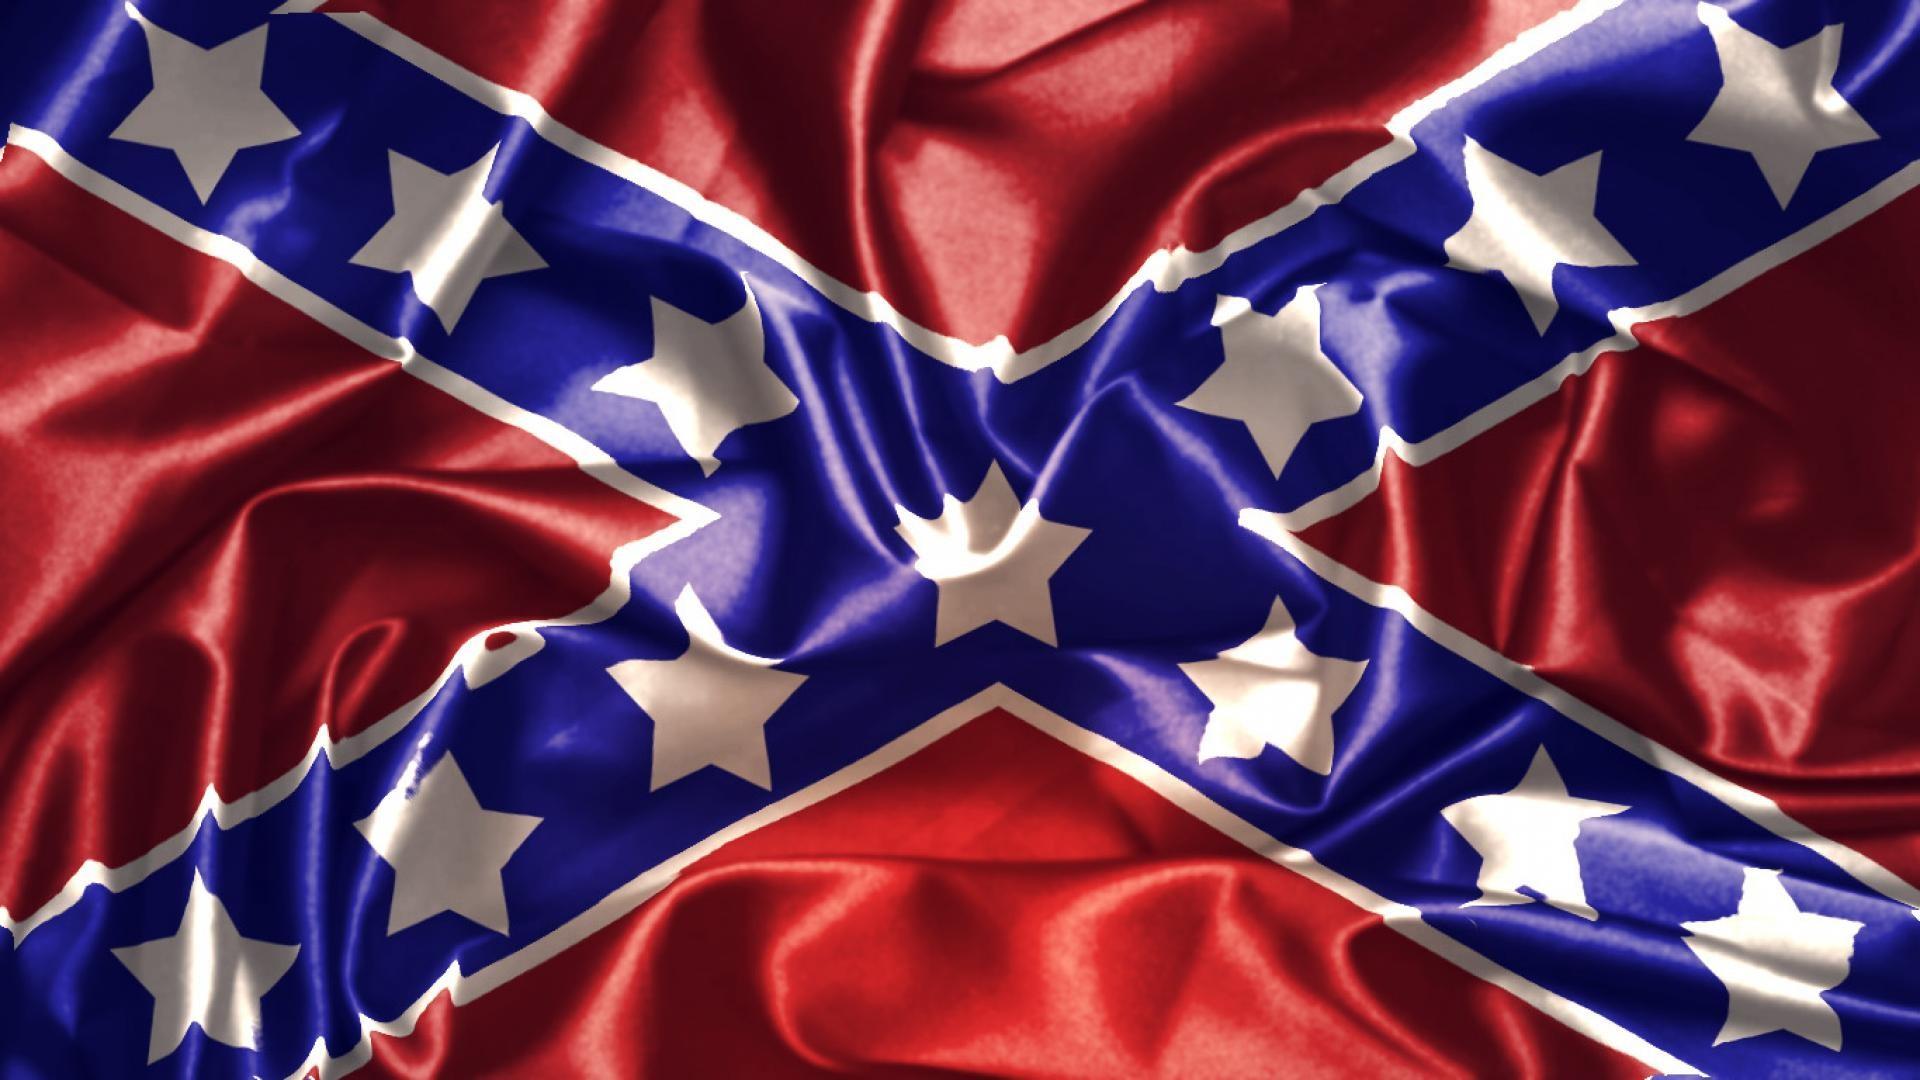 confederate-flag-pictures-desktop-1920-x-1080-kB-wallpaper-wp3404102